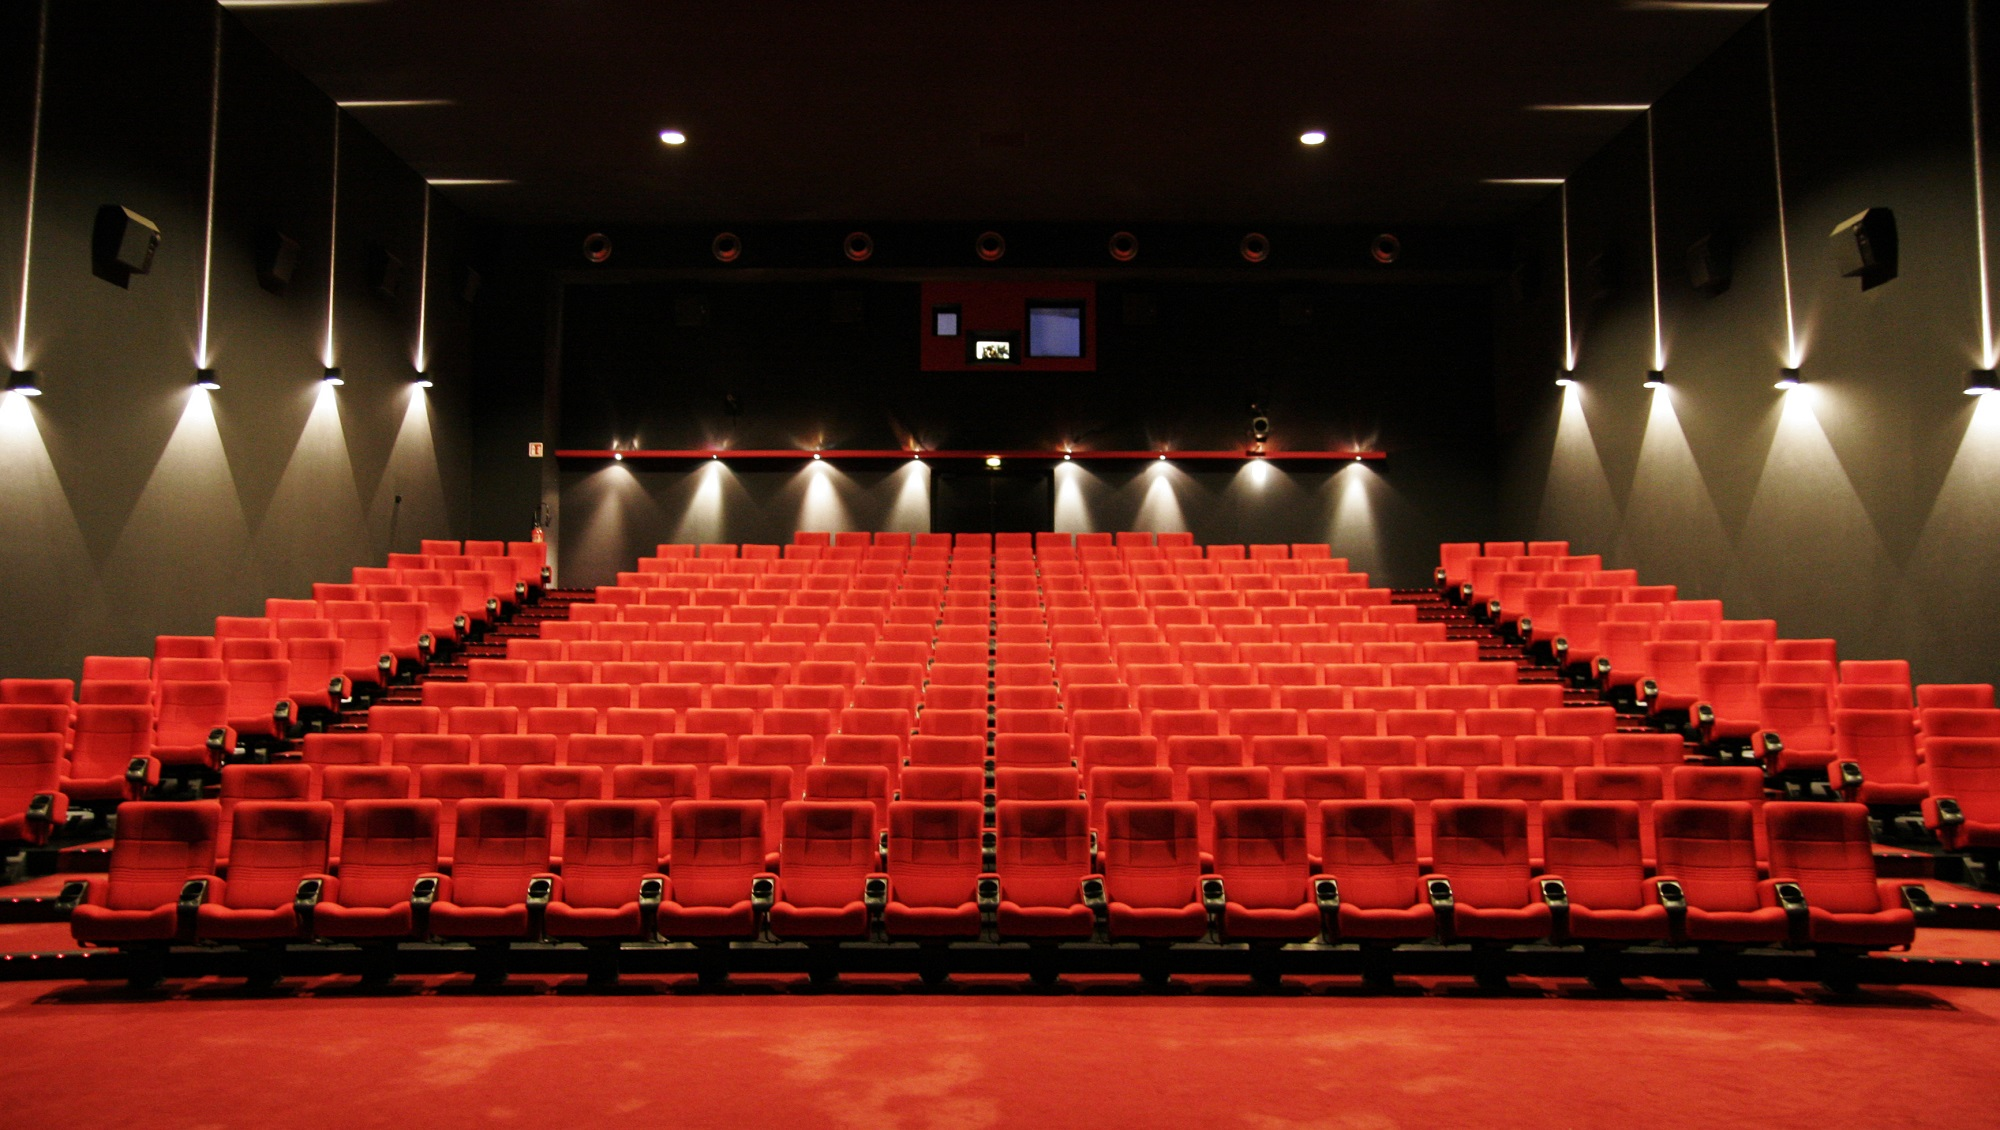 Comment Faire Une Salle De Cinema en 2020, vous pourrez découvrir avatar 2 en 3d sans lunettes